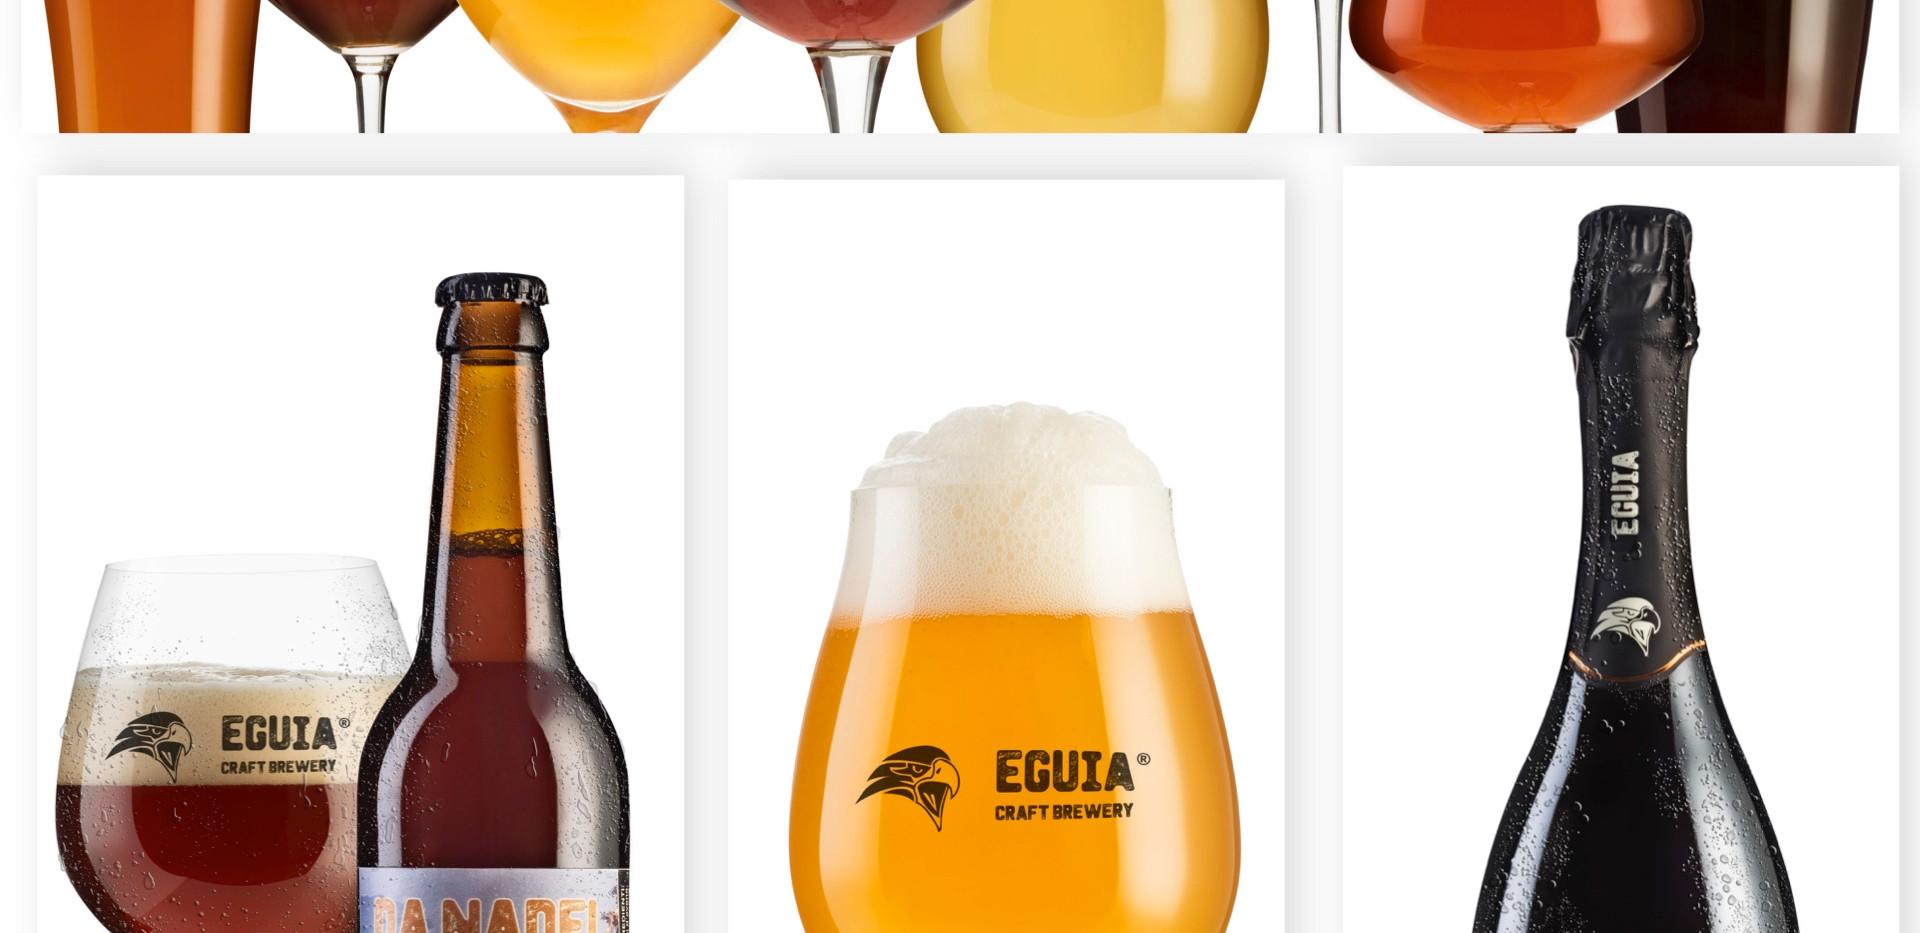 """Werbeaufnahmen für """"Eguia"""" Bier"""